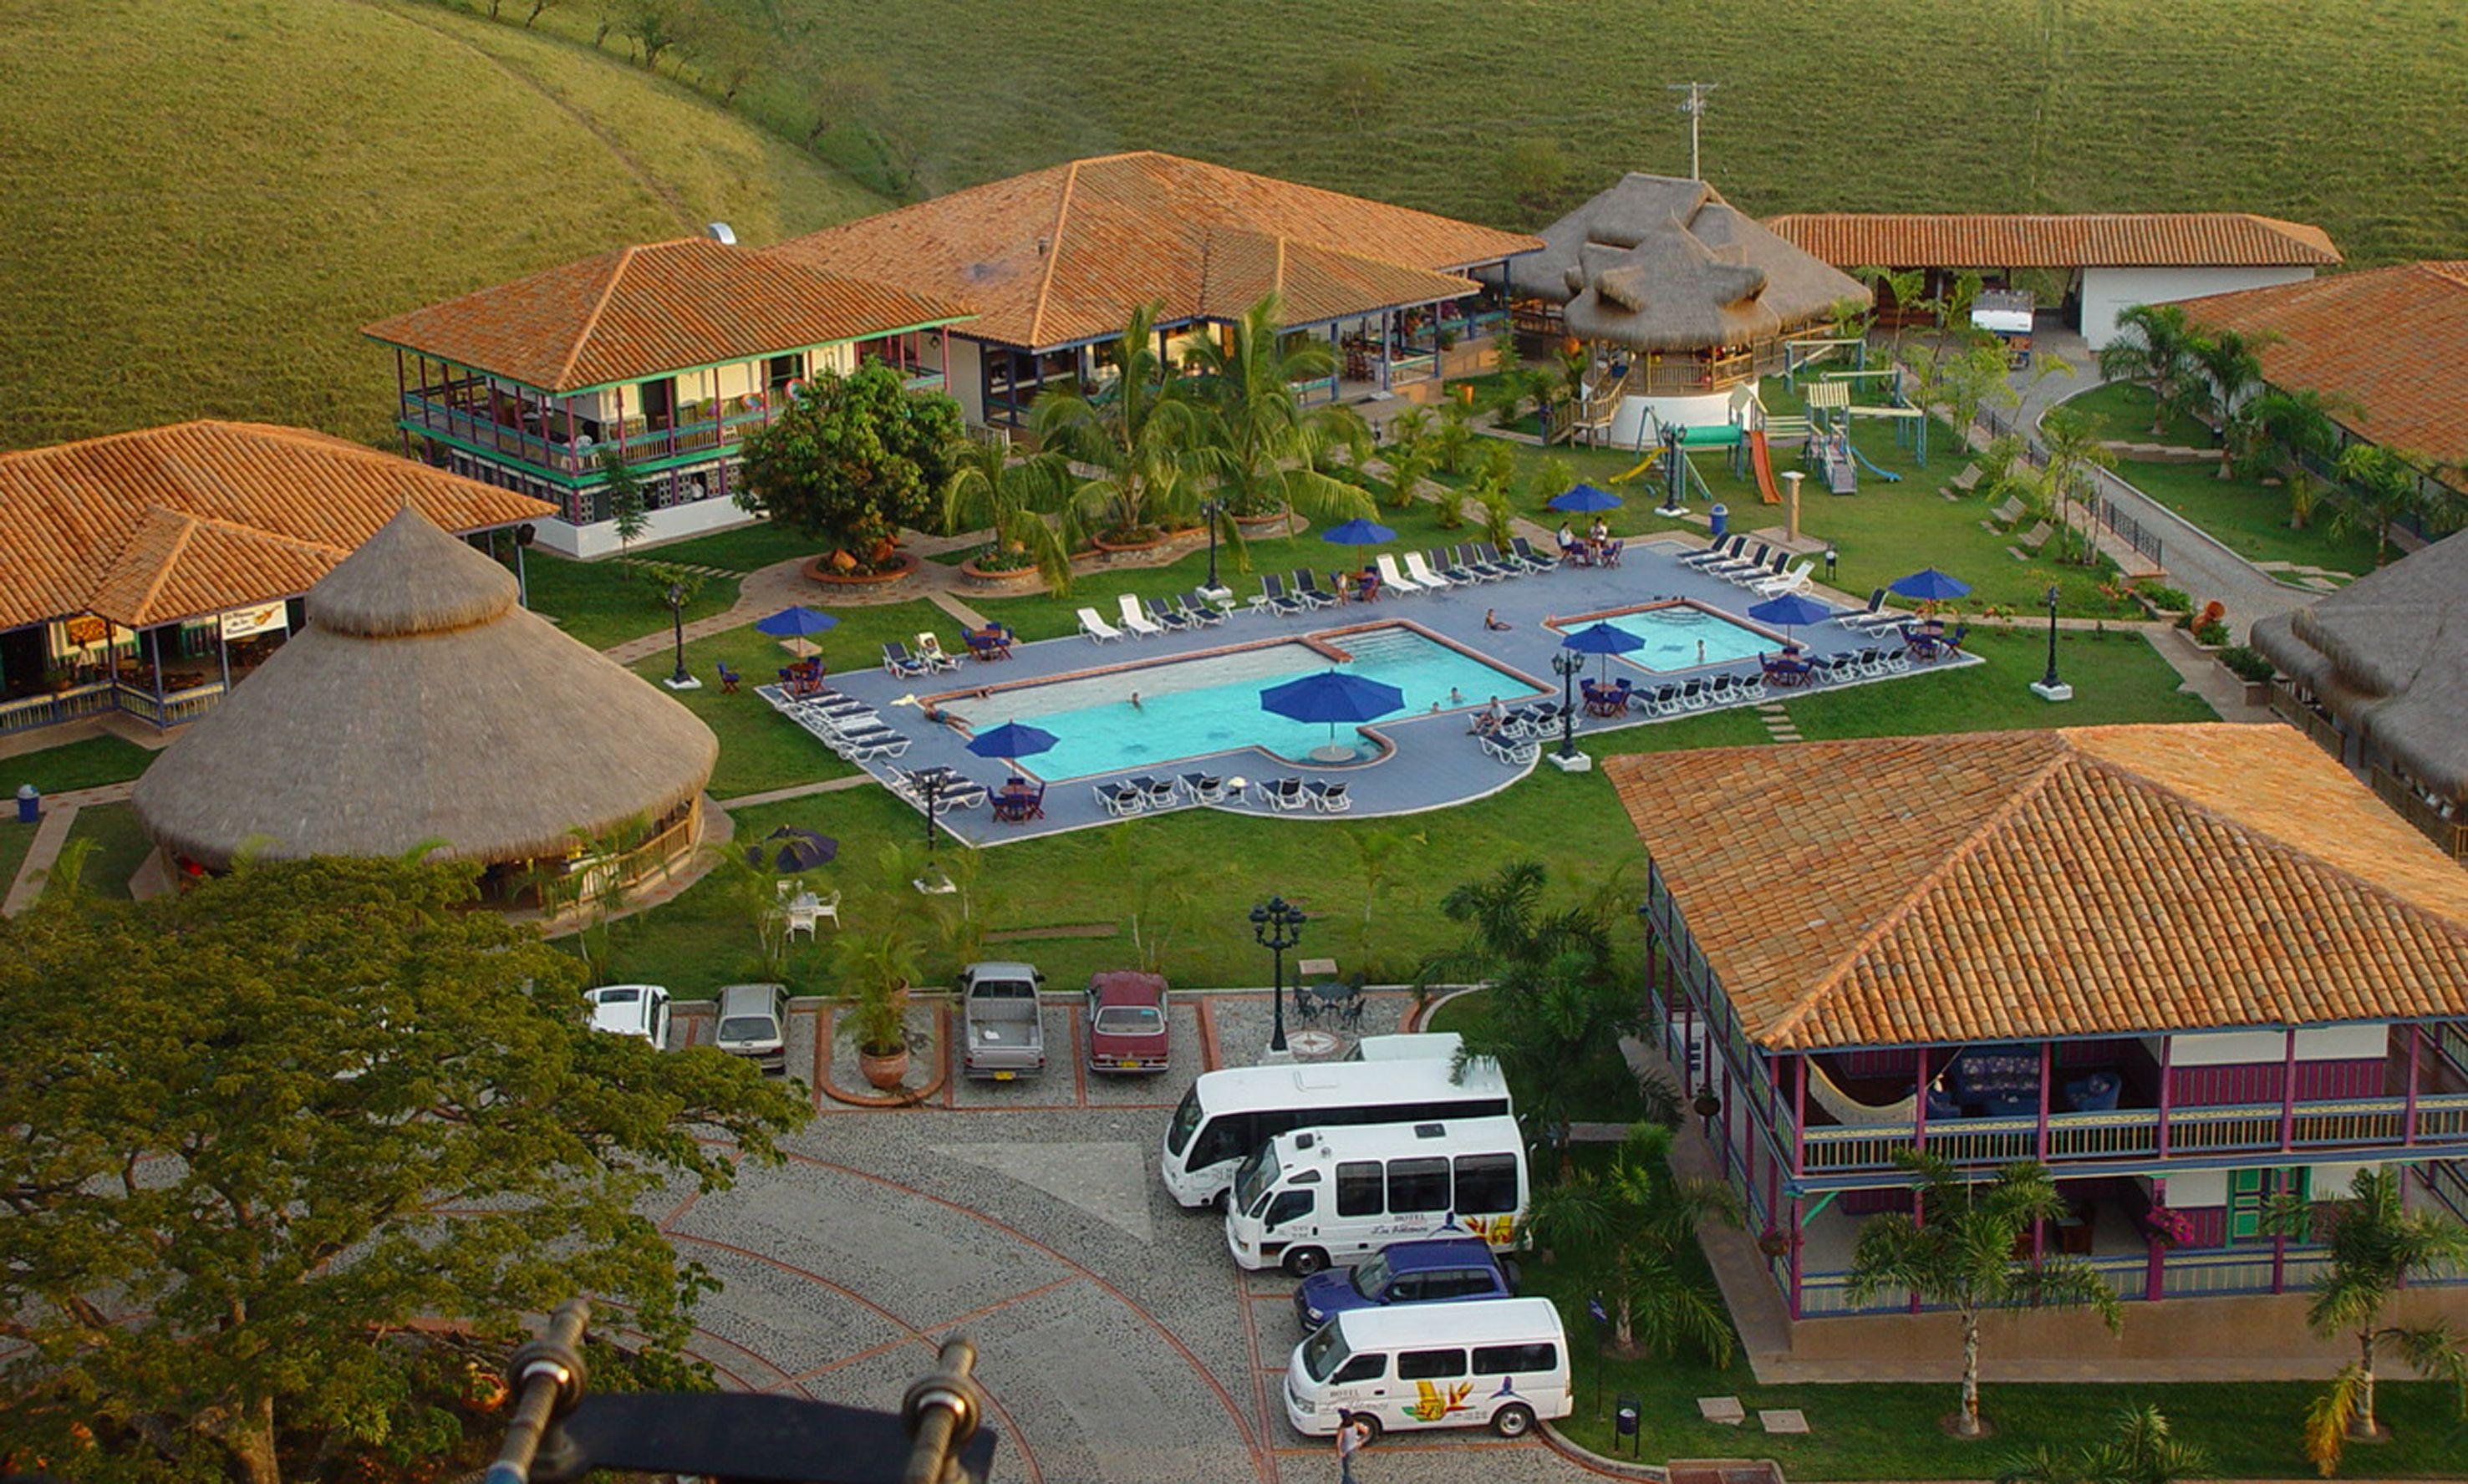 Hotel campestre y centro de convenciones las heliconias - Hotel las gaunas en logrono ...